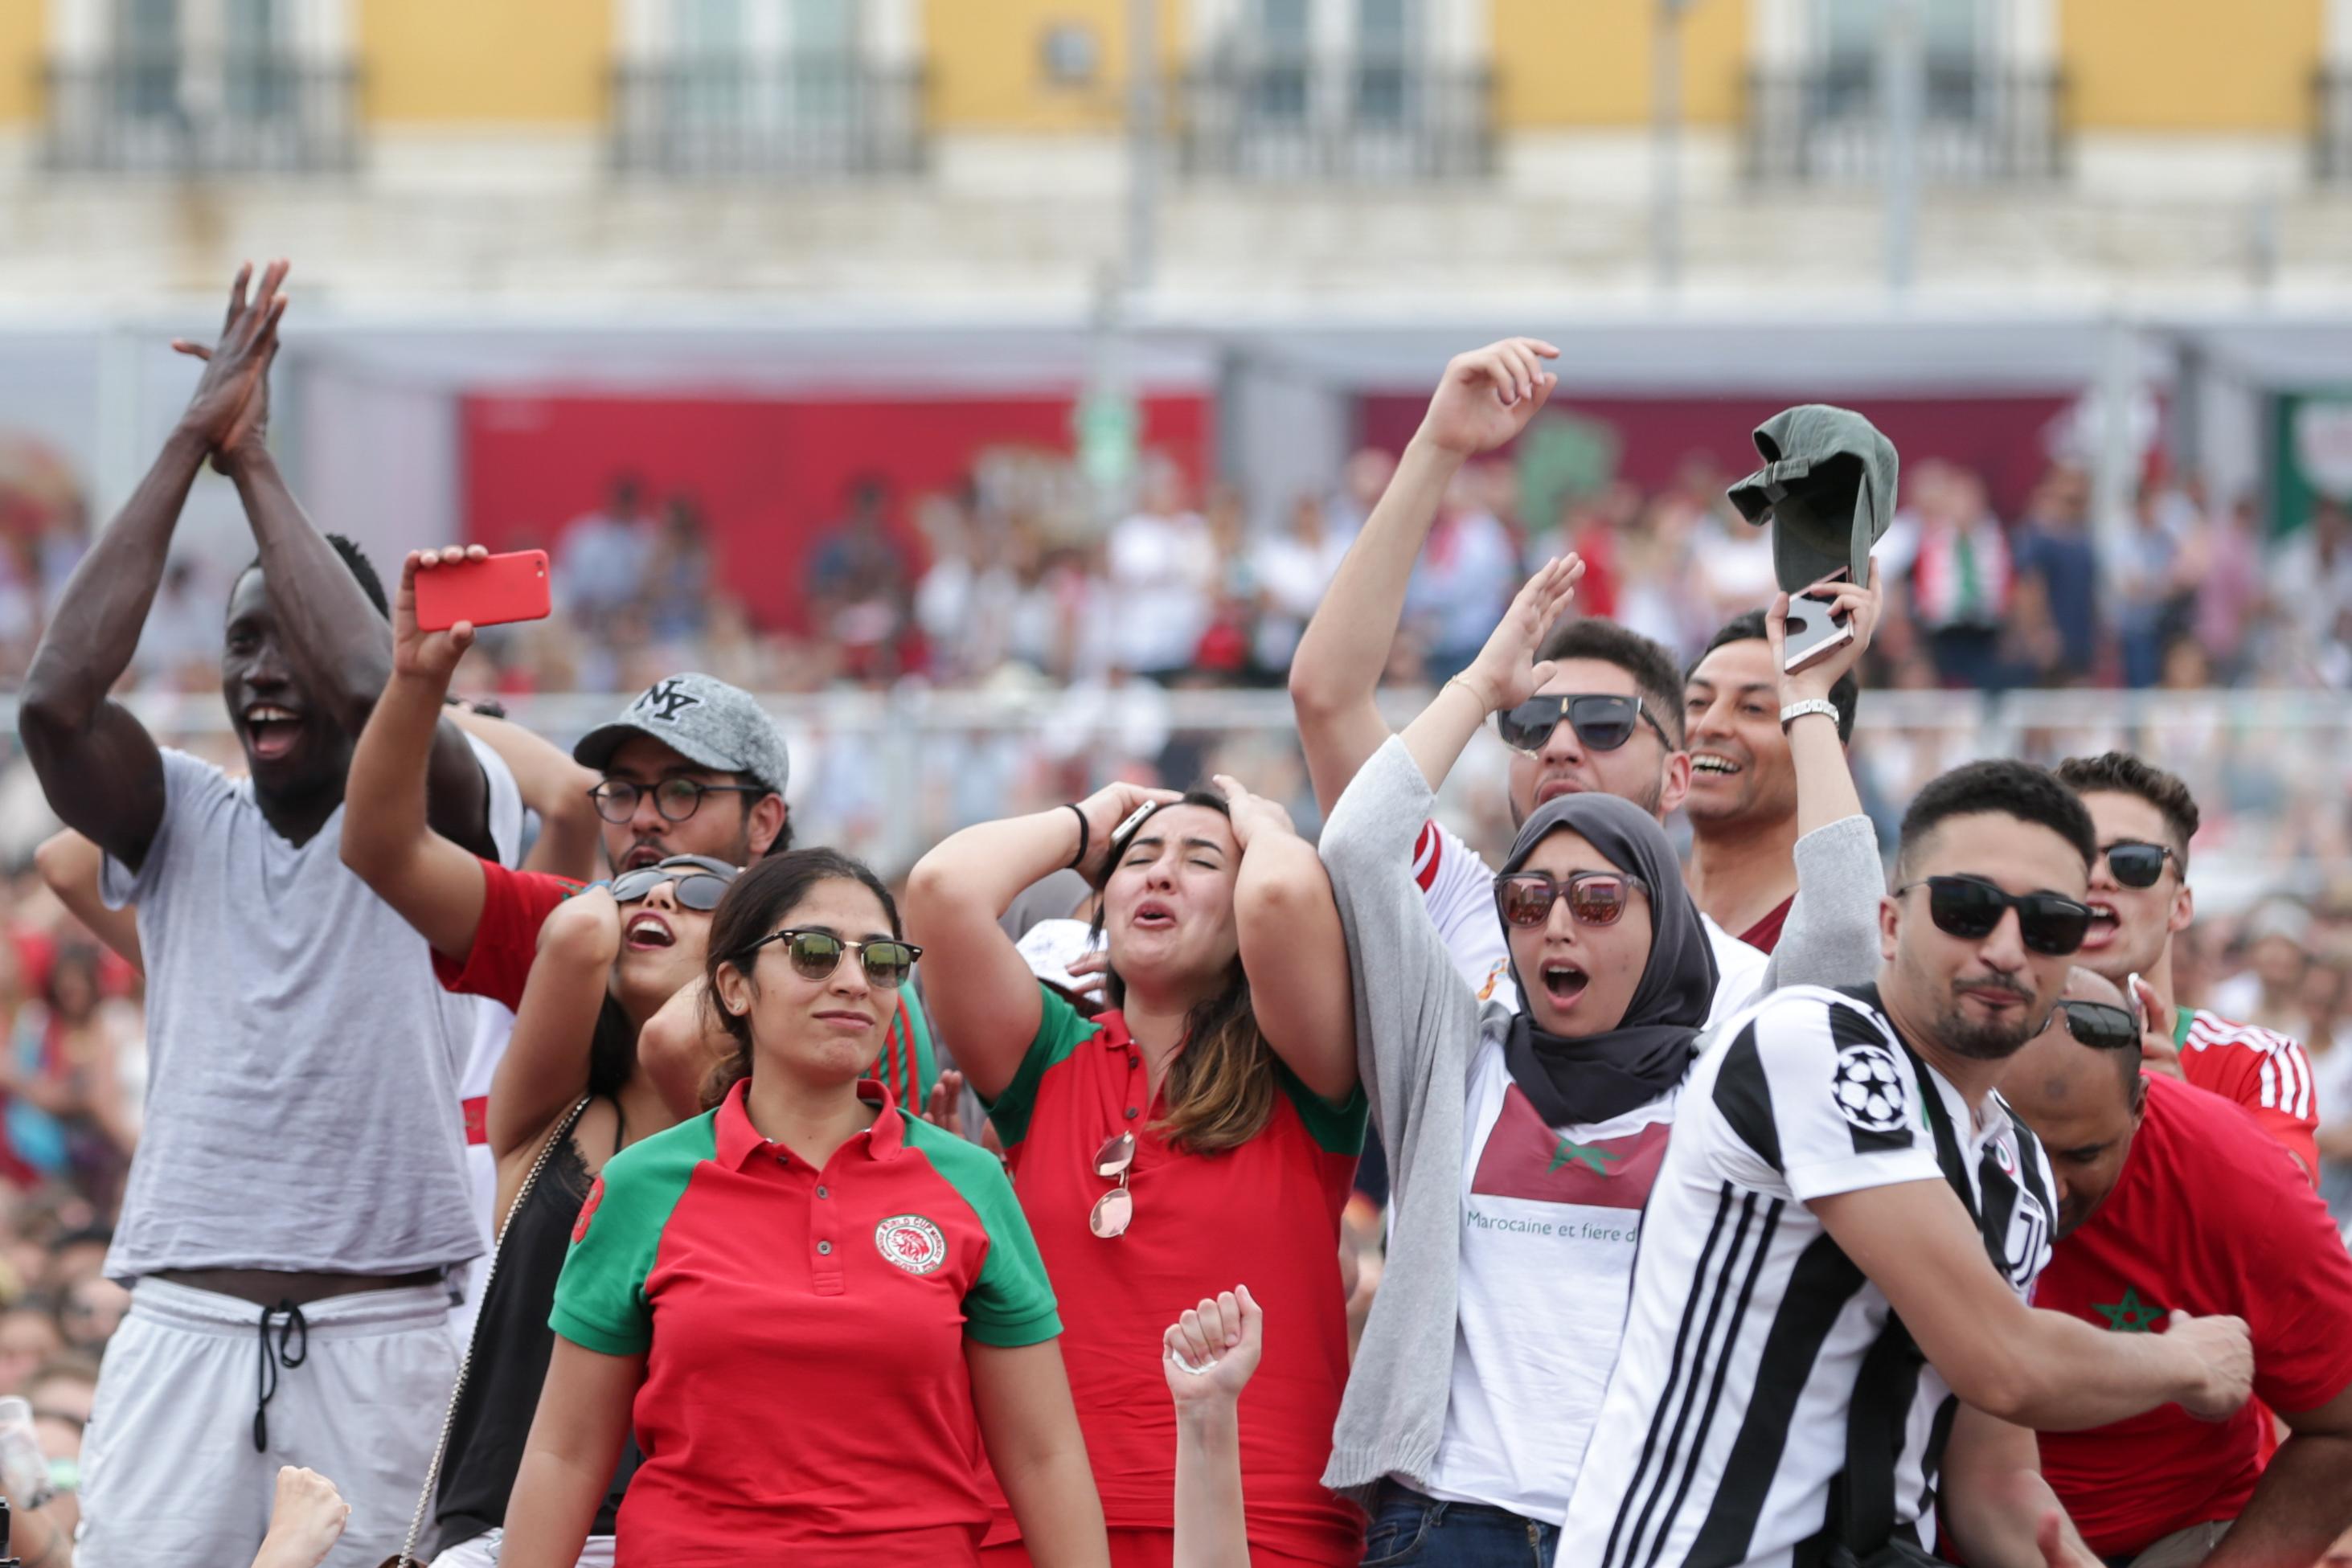 Portugal-Marrocos: Deceção e orgulho contido marcam sentimento dos marroquinos